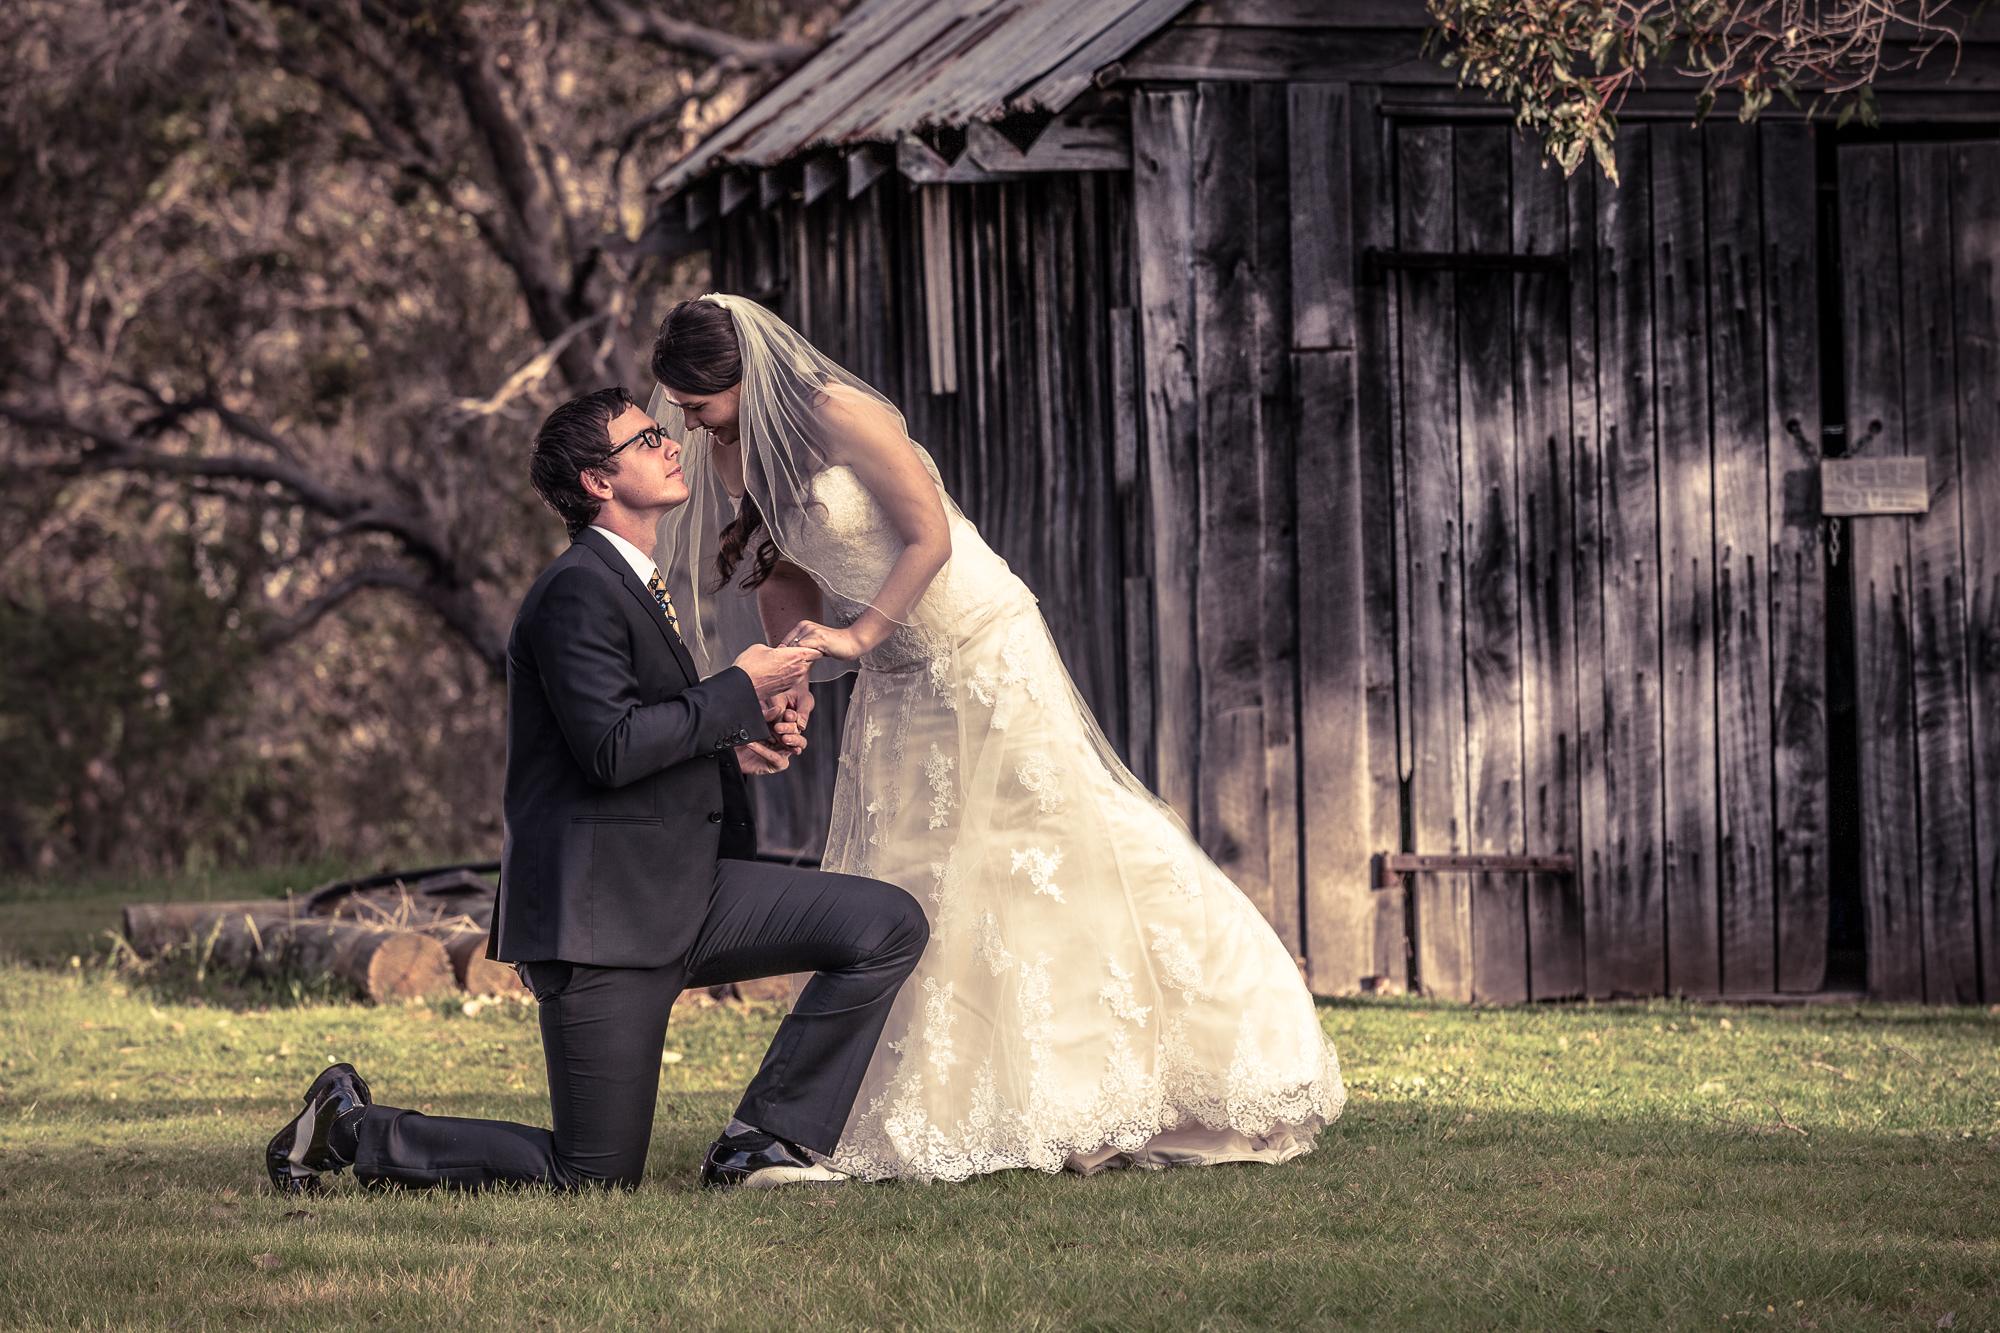 Wedding Portrait Art photographed by the Premier Portrait Photographer Kurt Nigg